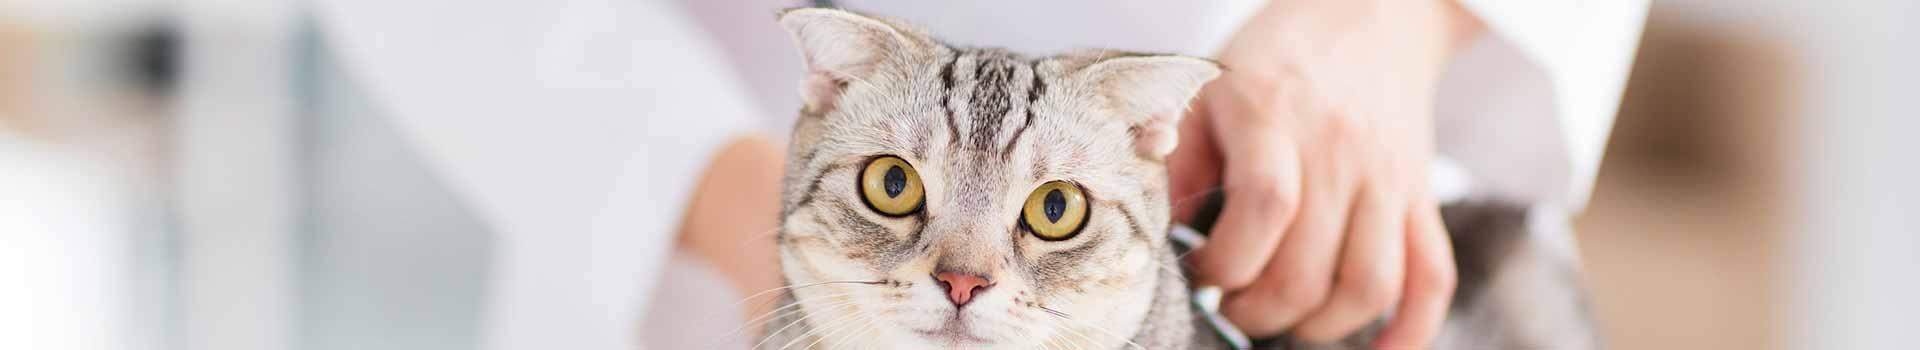 enfermedades tracto digestivo gatos